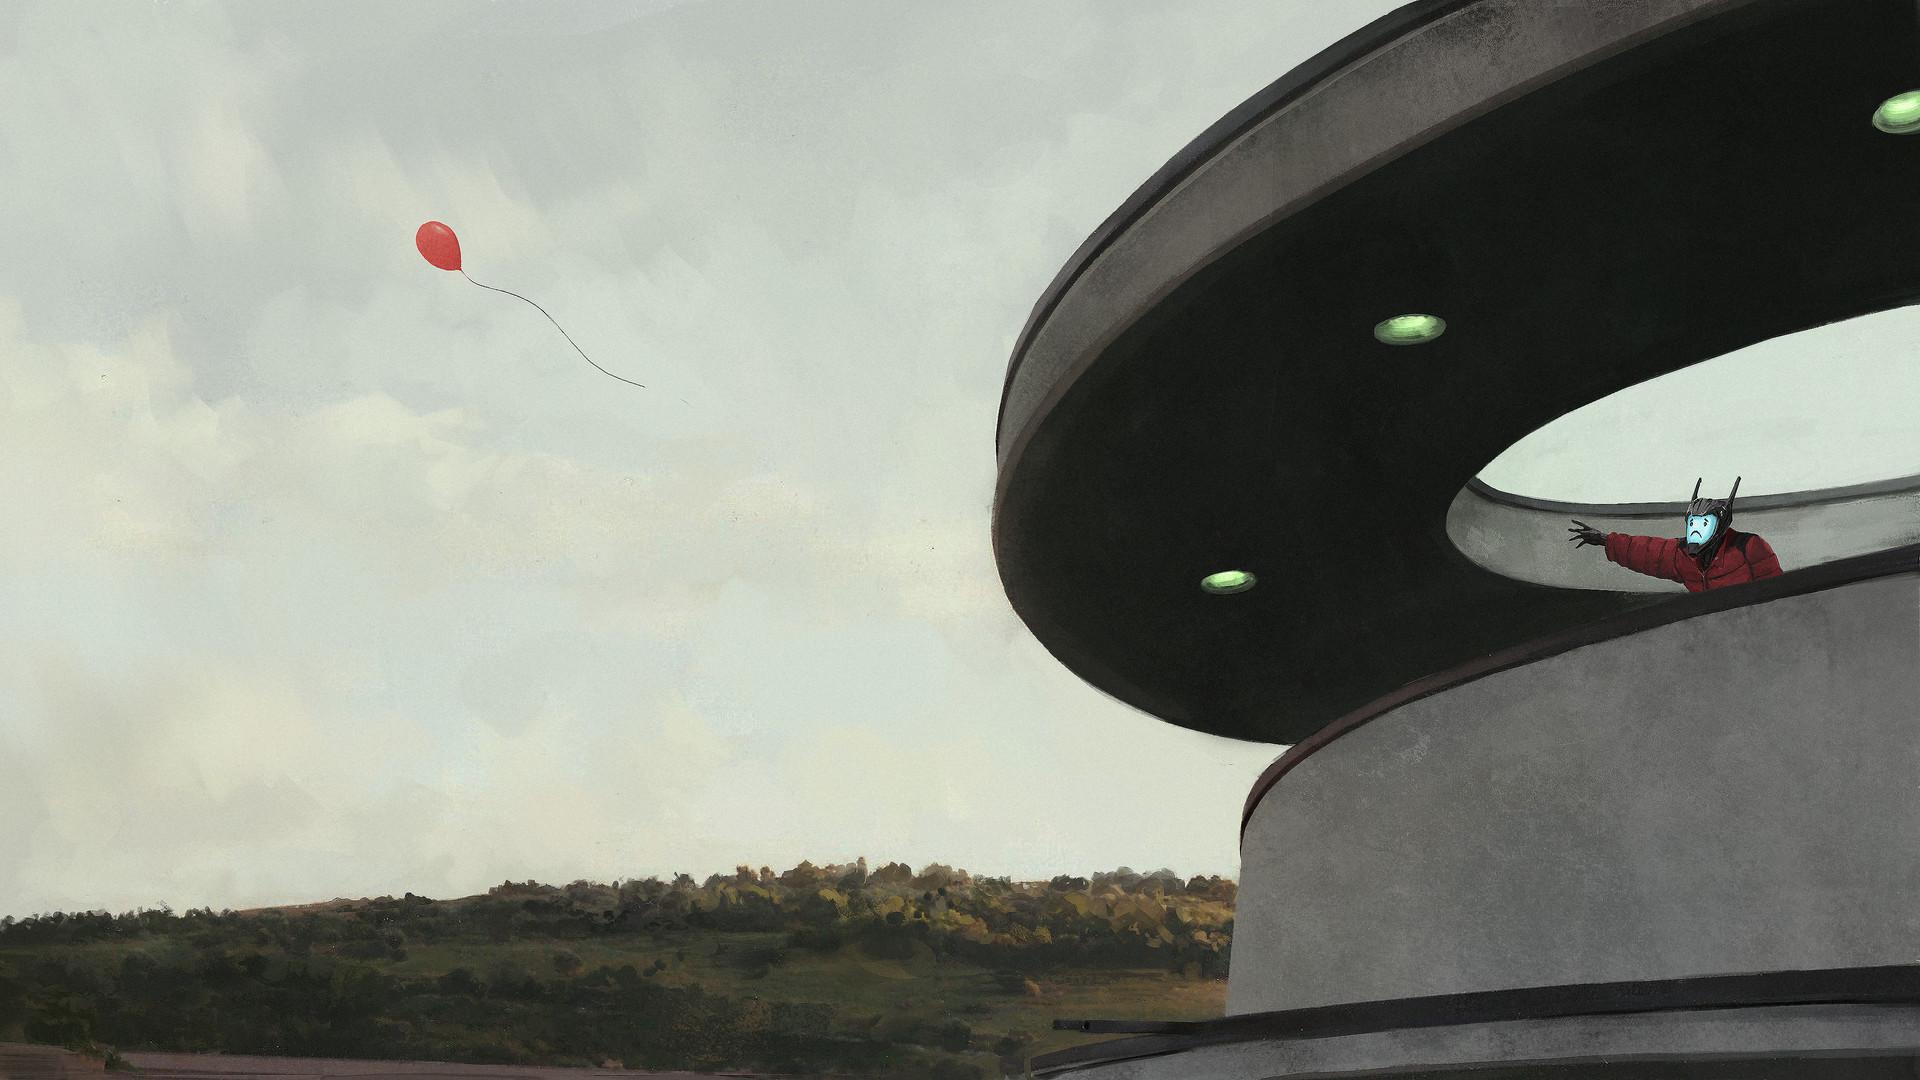 Vincenzo lamolinara red baloon